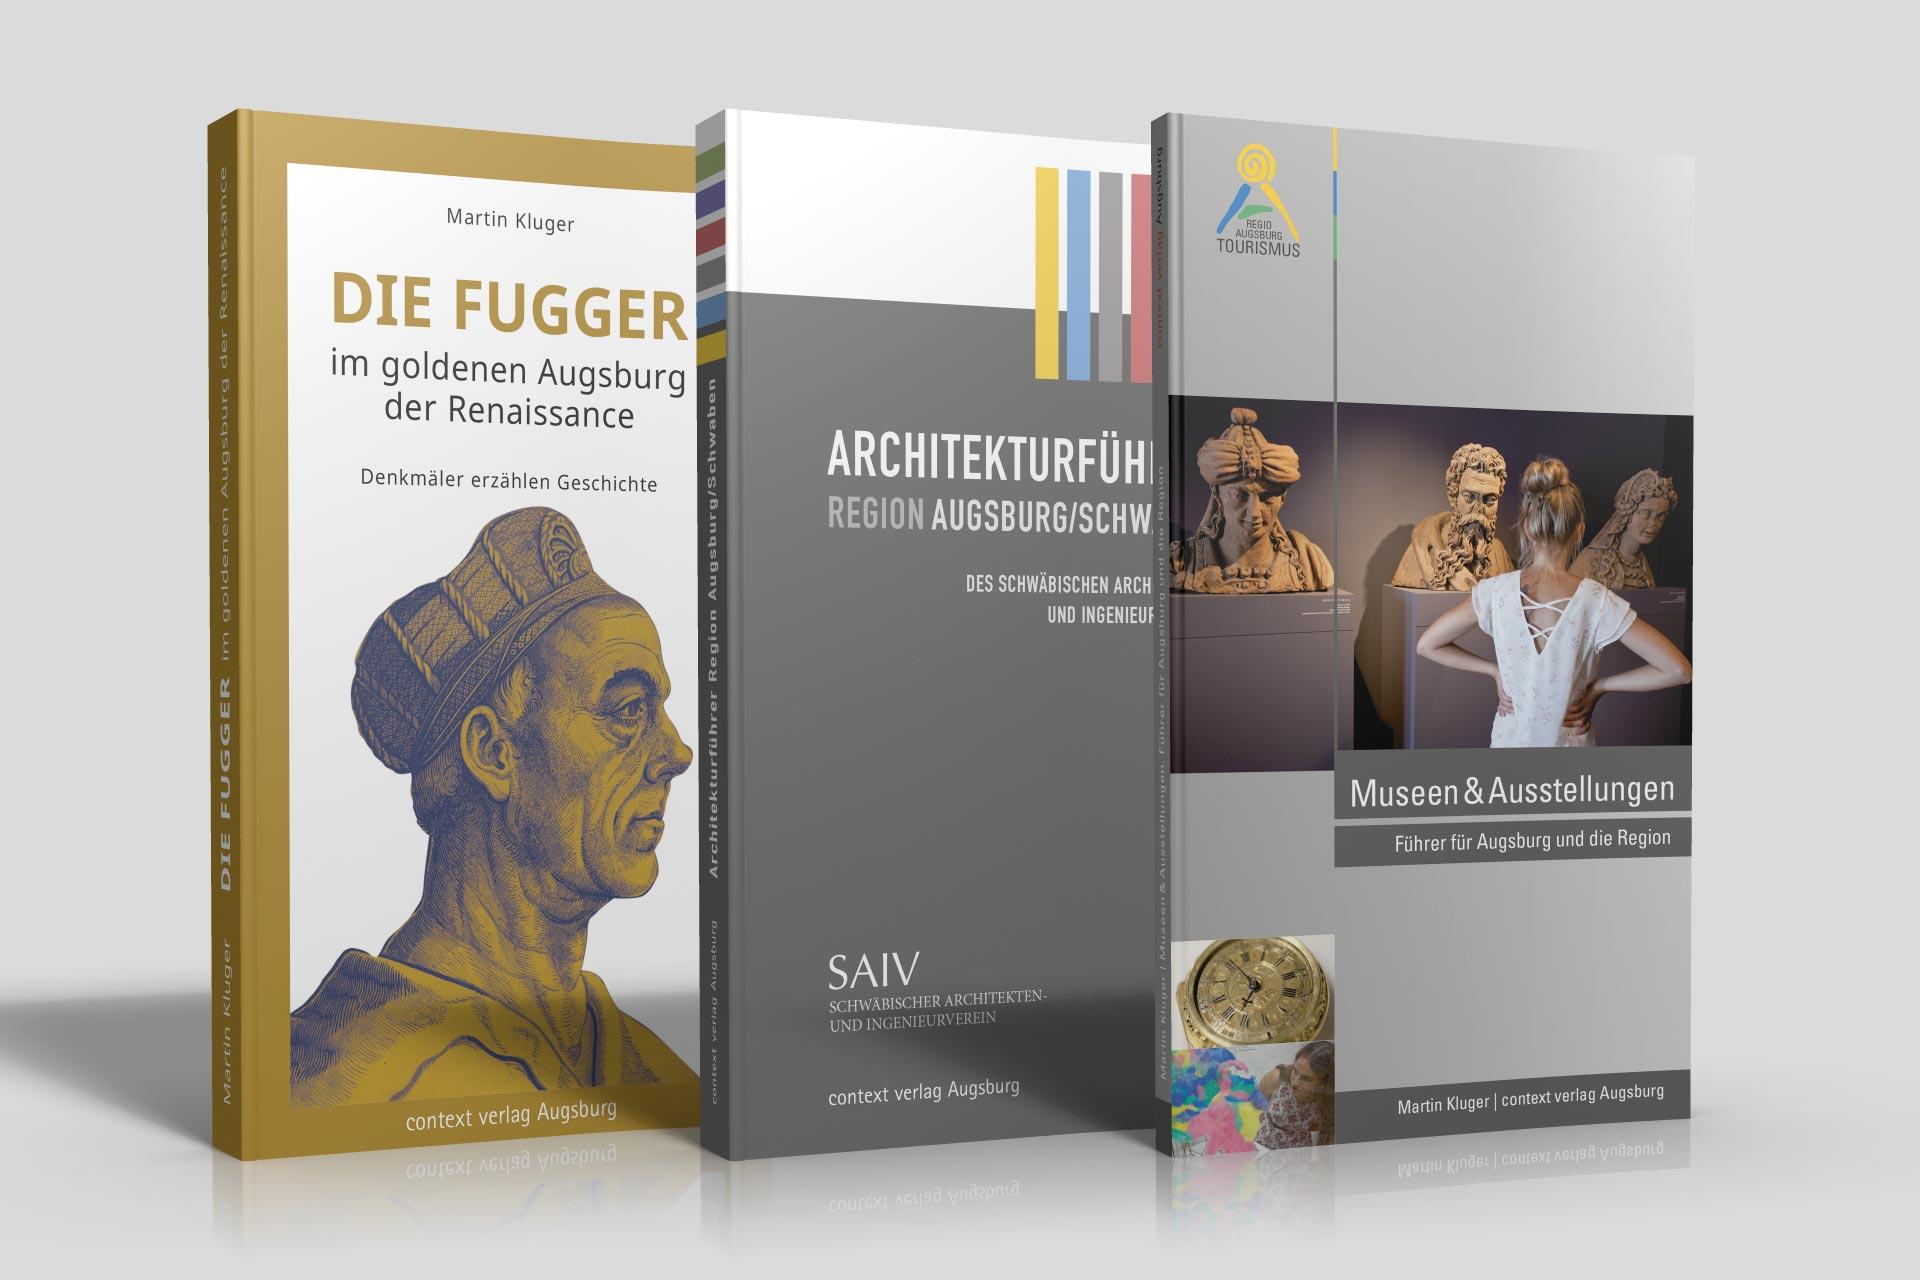 context Verlag Augsburg | Nürnberg